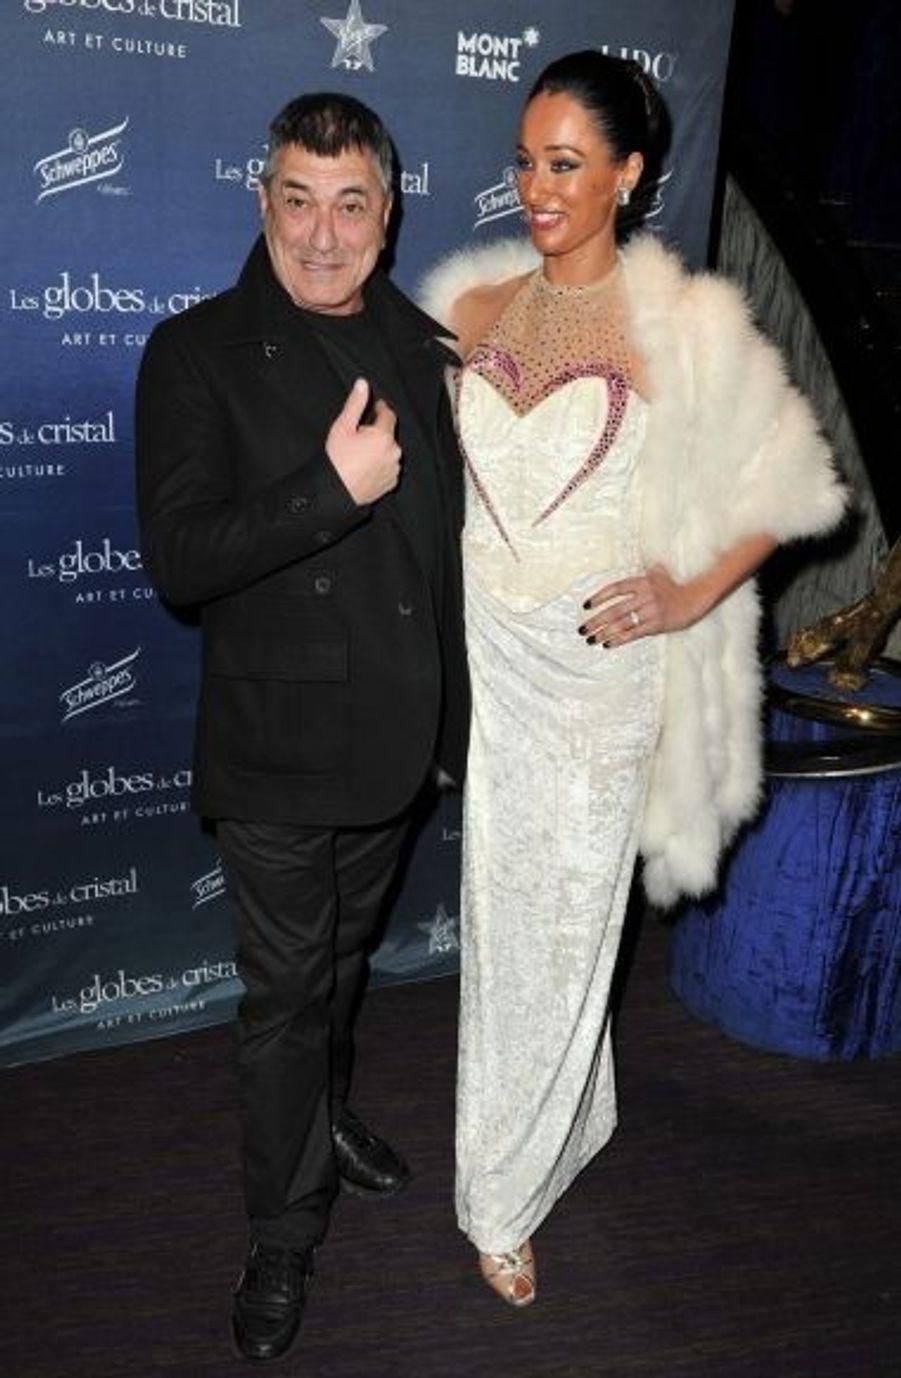 L'acteur Jean-Marie Bigard en charmante compagnie, celle d'une danseuse du Lido.